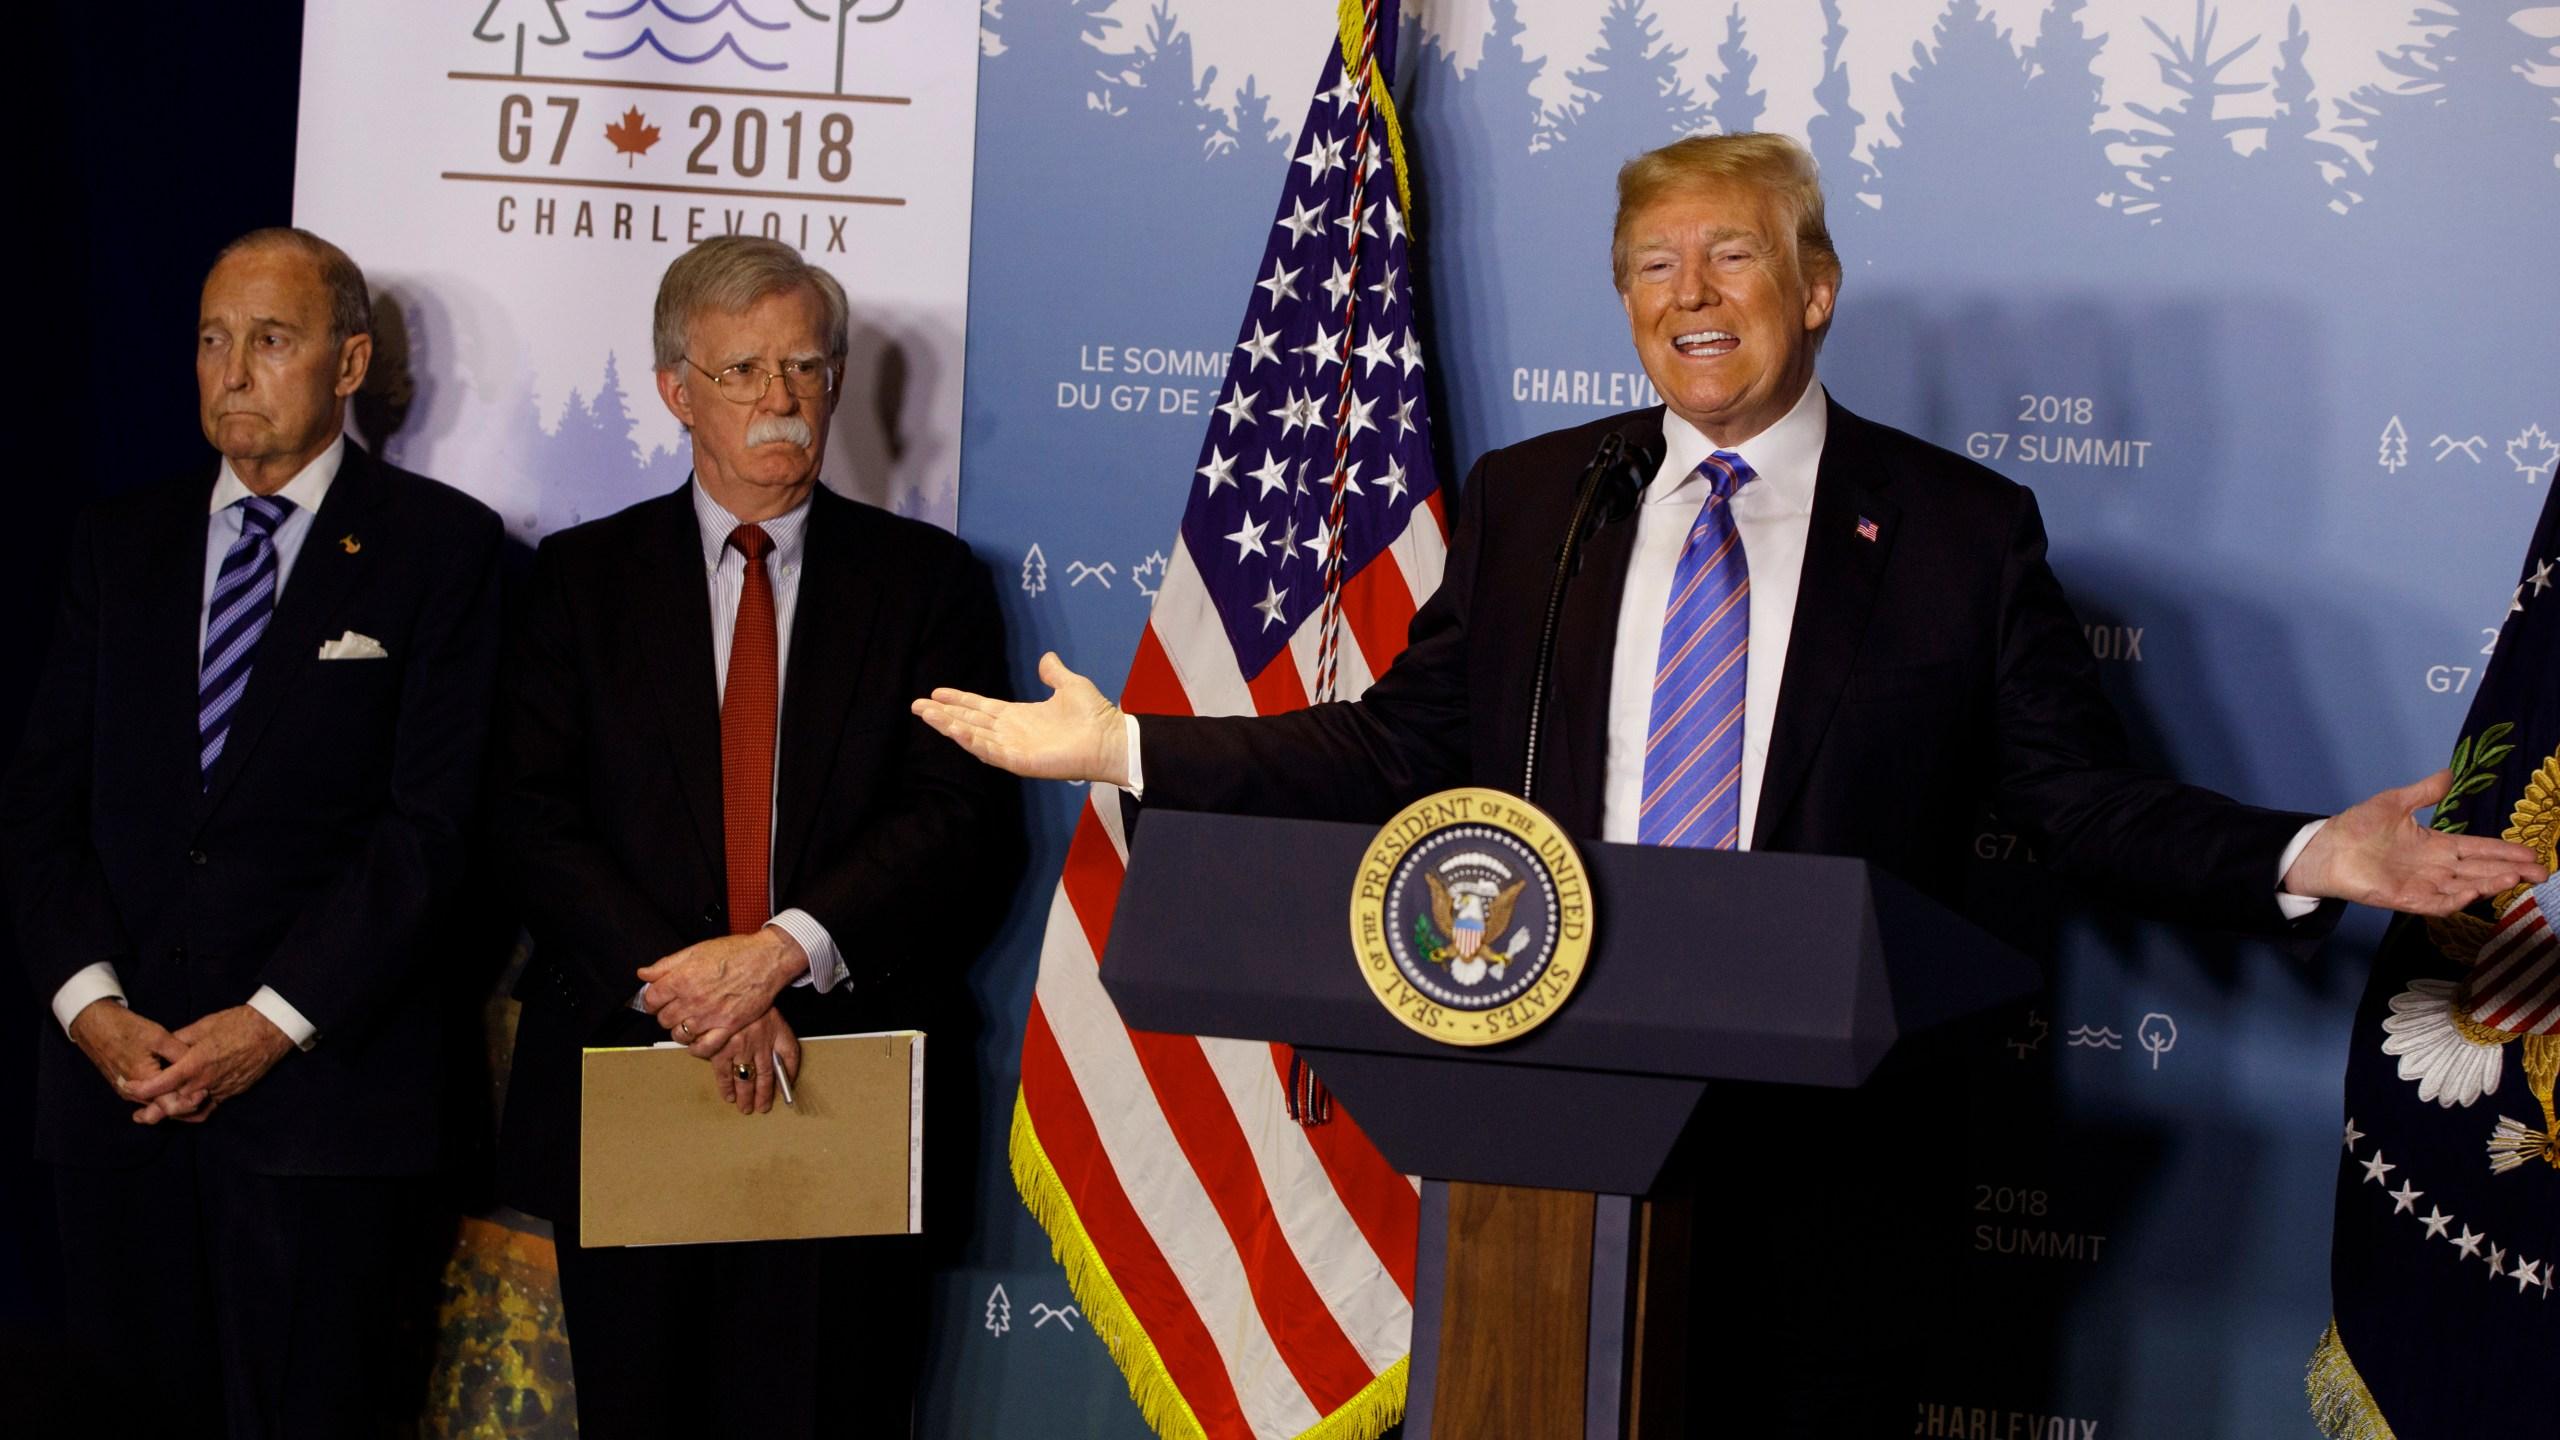 Trump_G-7_20632-159532.jpg26060660